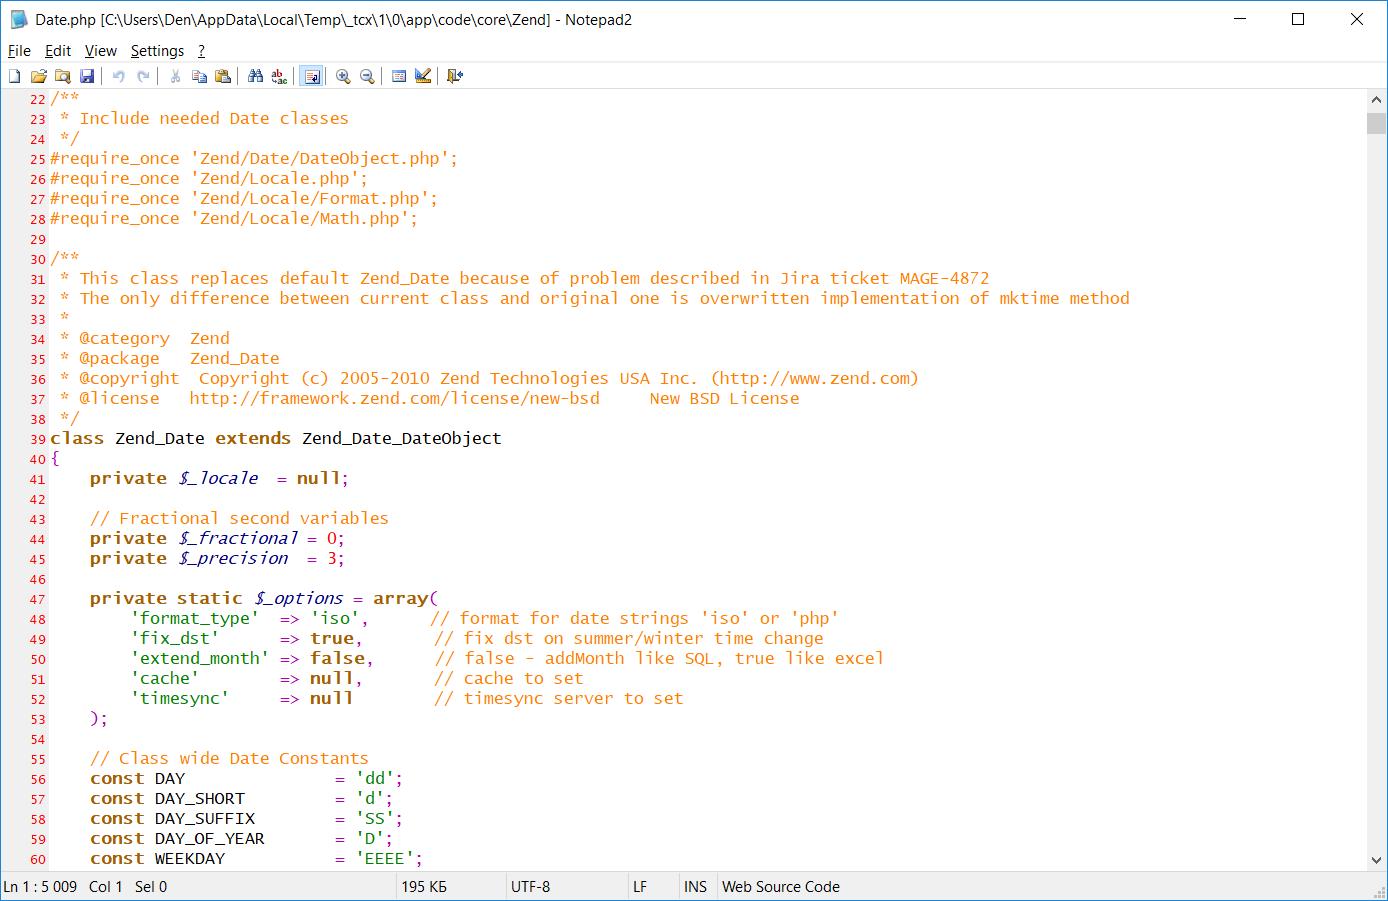 Notepad2 текстовый редактор для слабого ПК